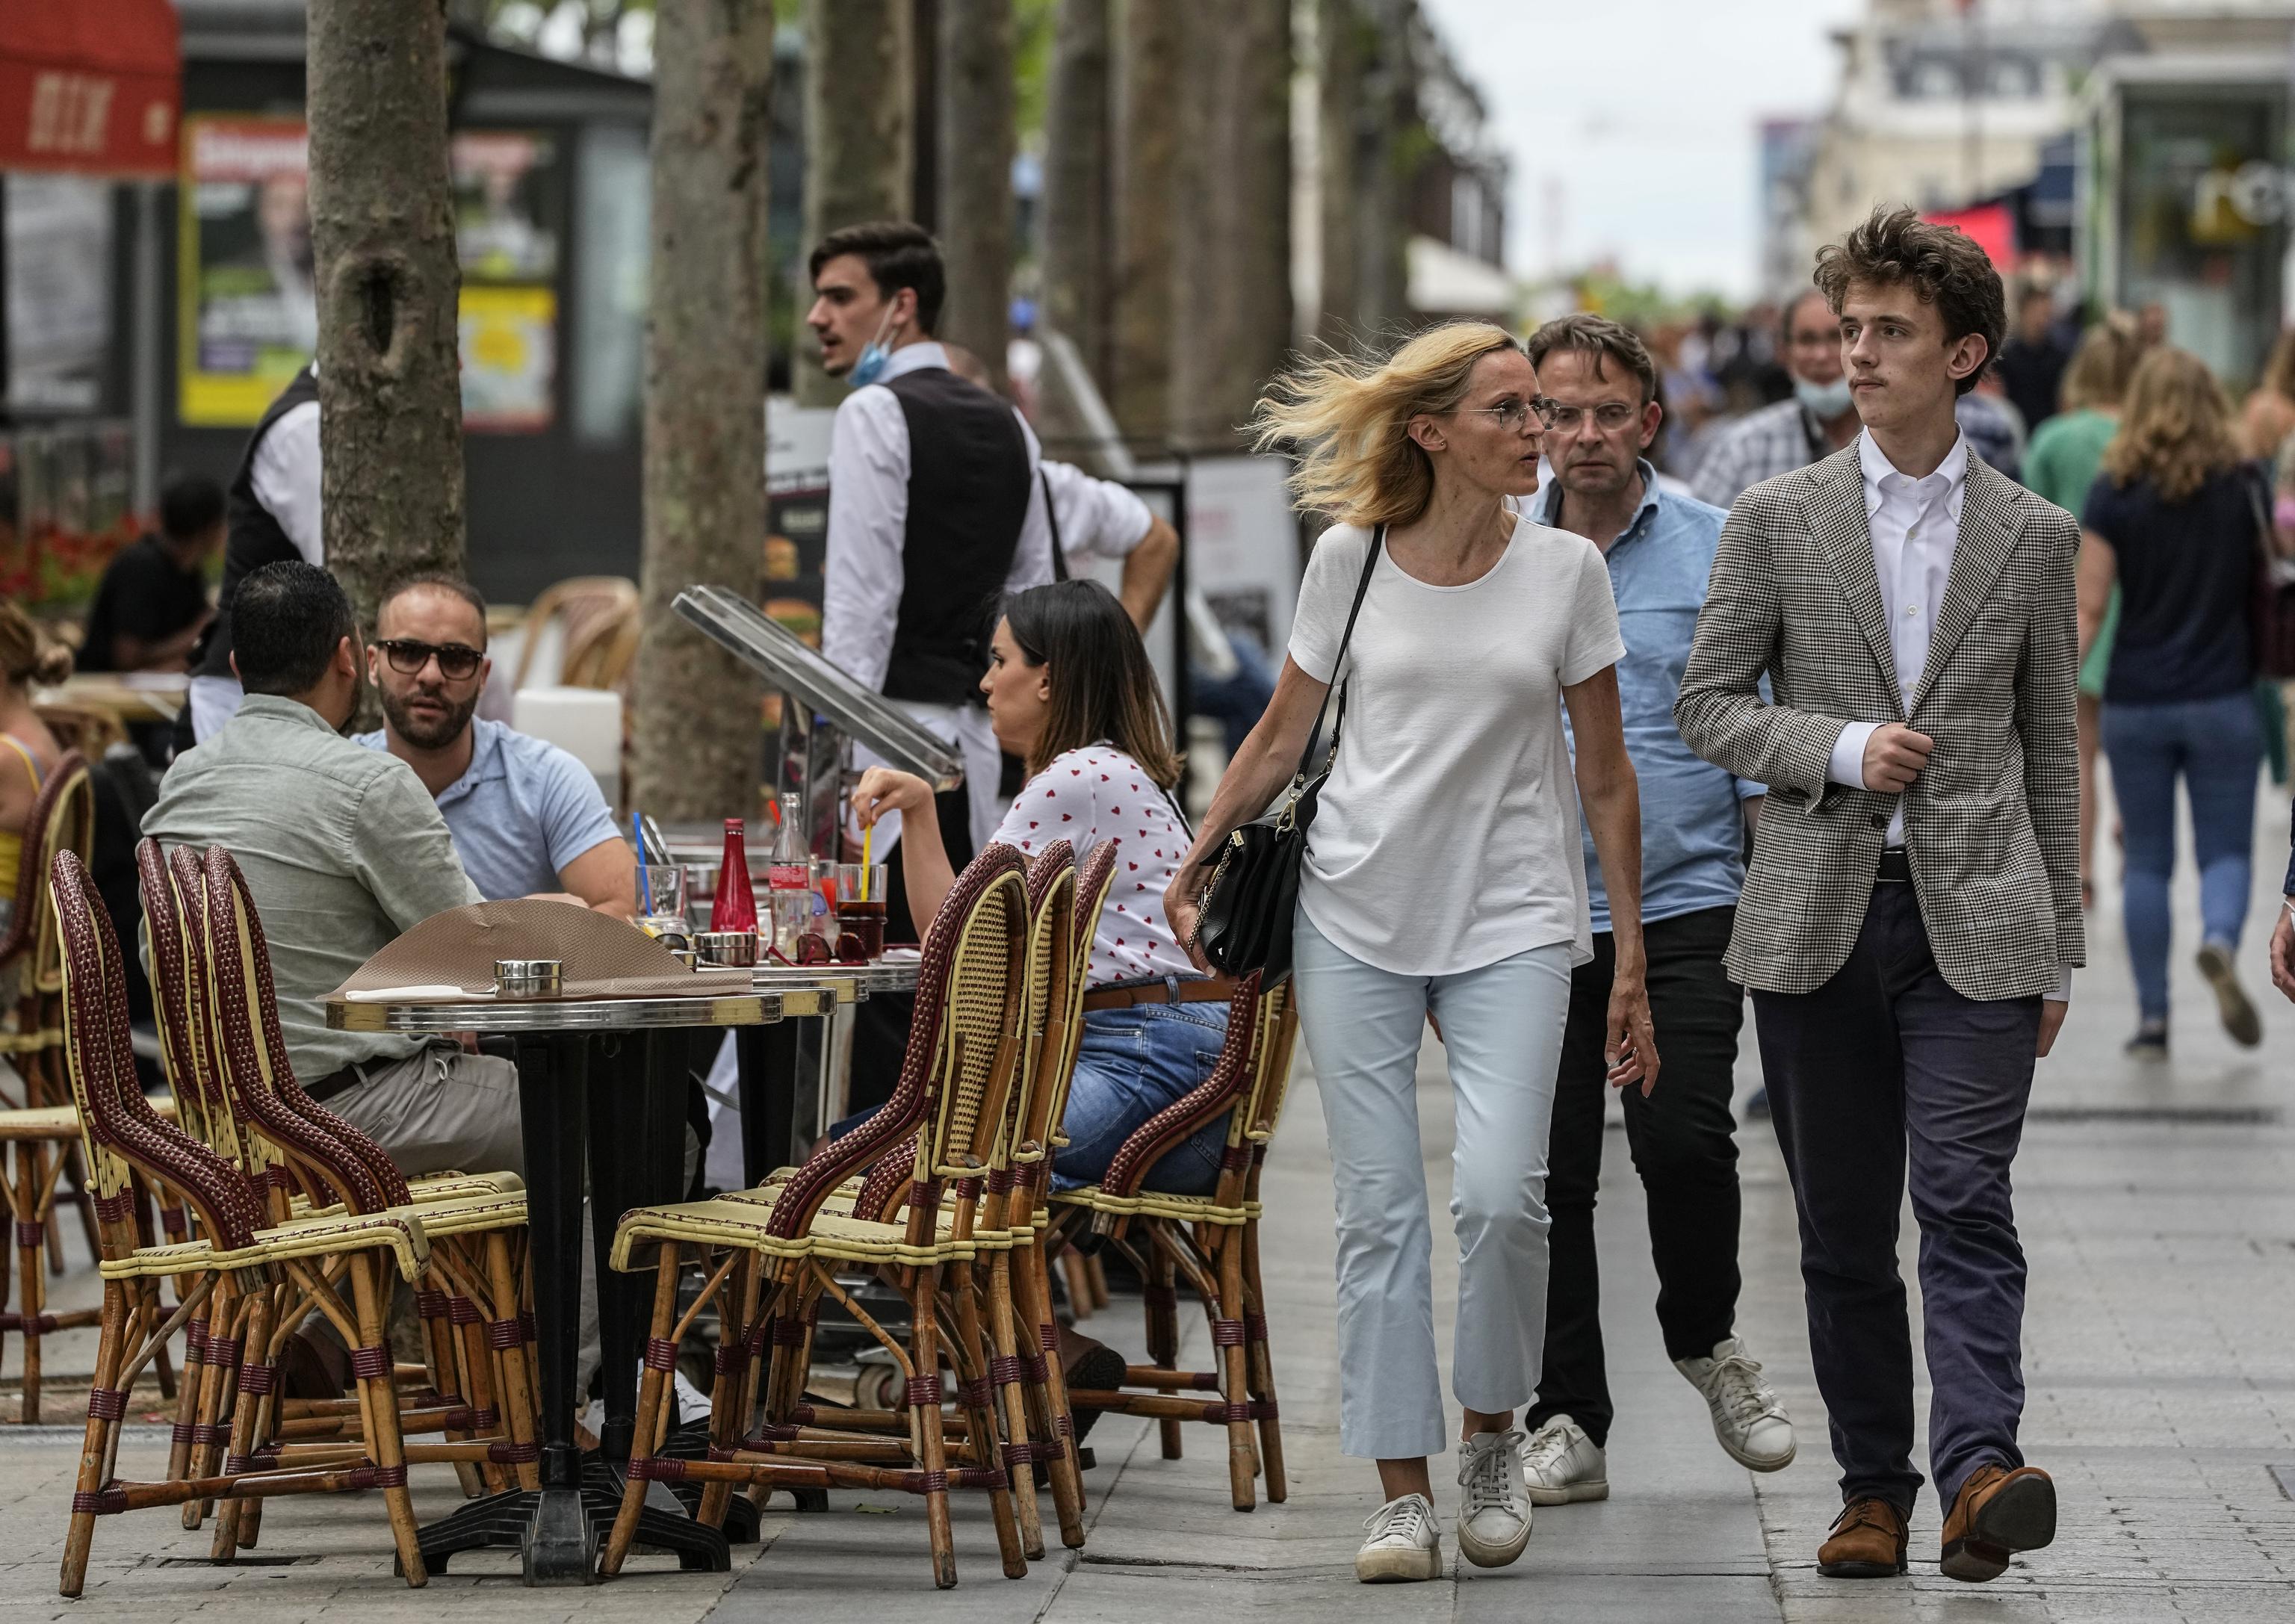 Gente paseando y en las terrazas en los Campos Elíseos de París, ya sin mascarillas.